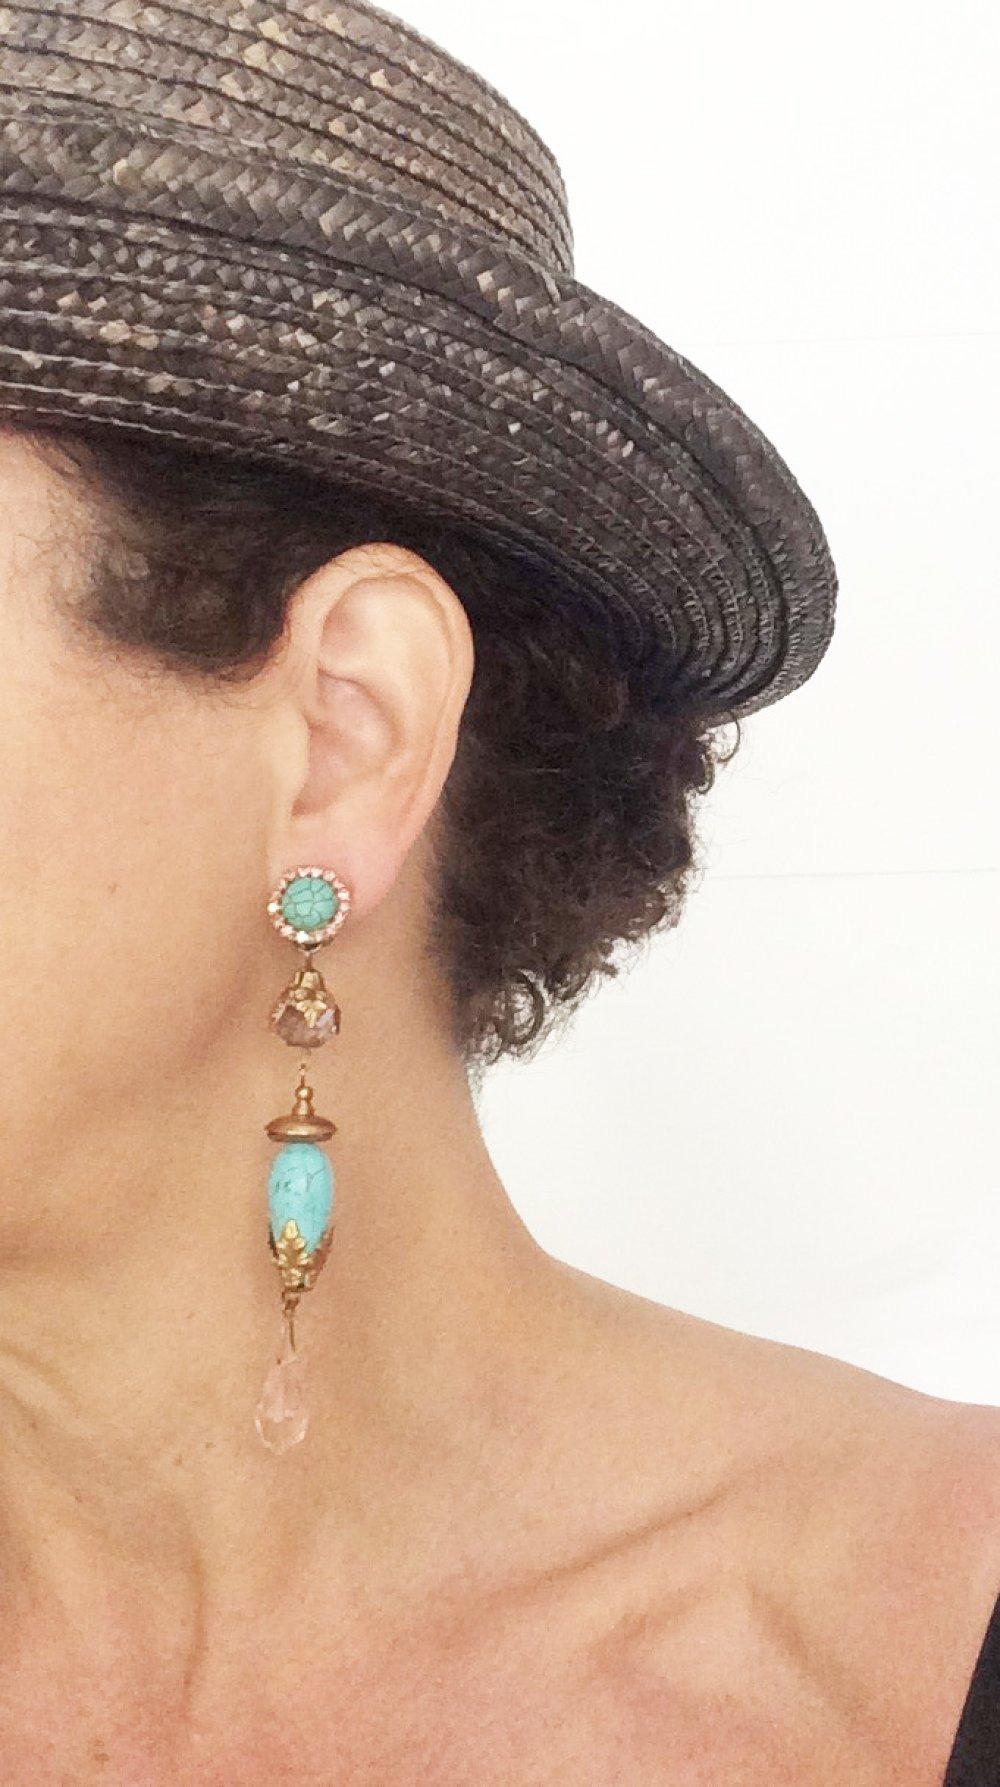 CLIP Boucles d'oreilles clips Bleu turquoise & bronze Cristal Vintage Bijoux créateur Création française